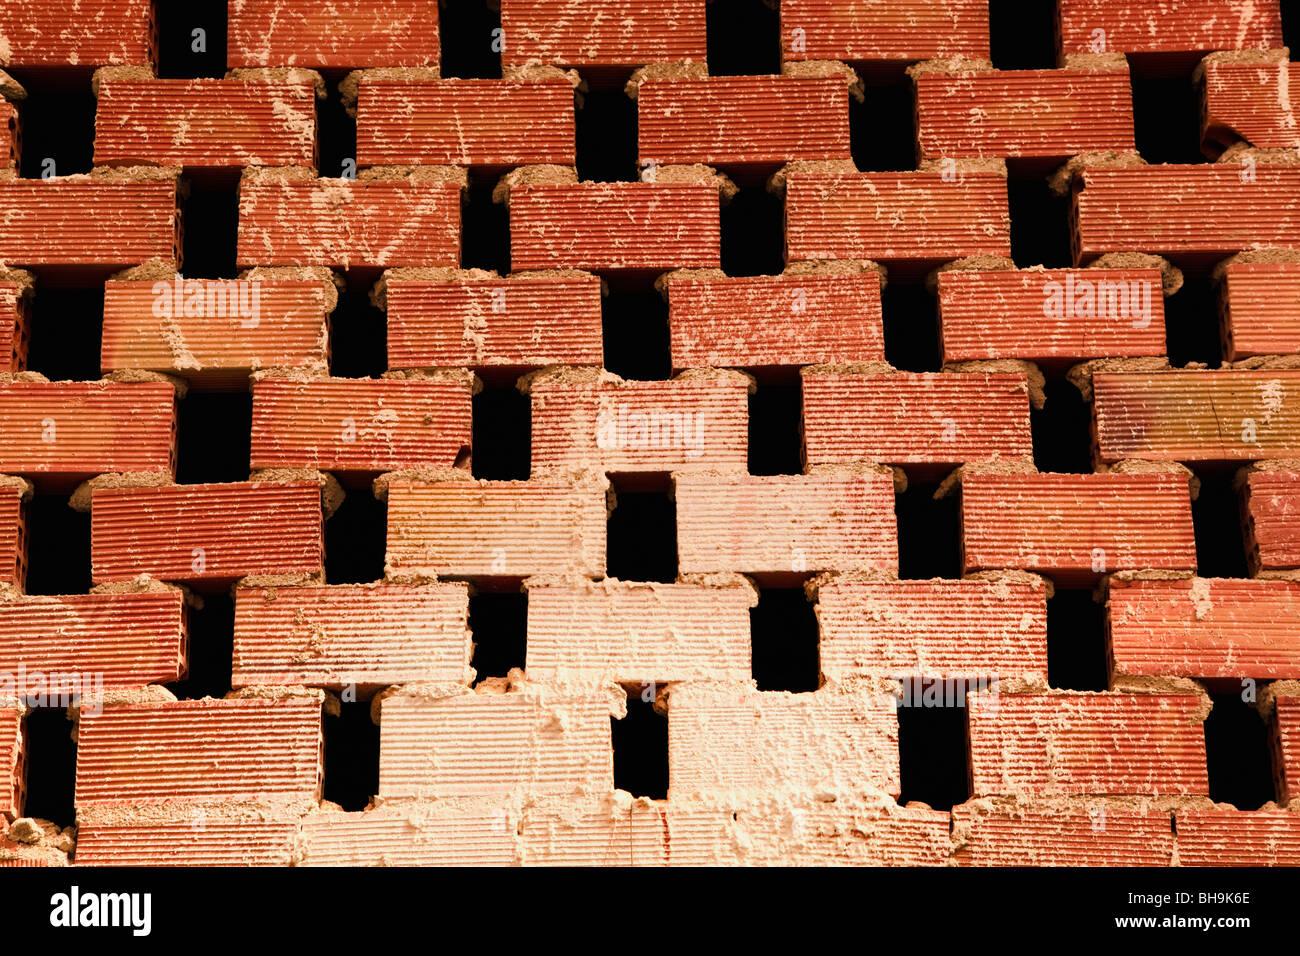 Rough unfinished lattice brickwork. - Stock Image